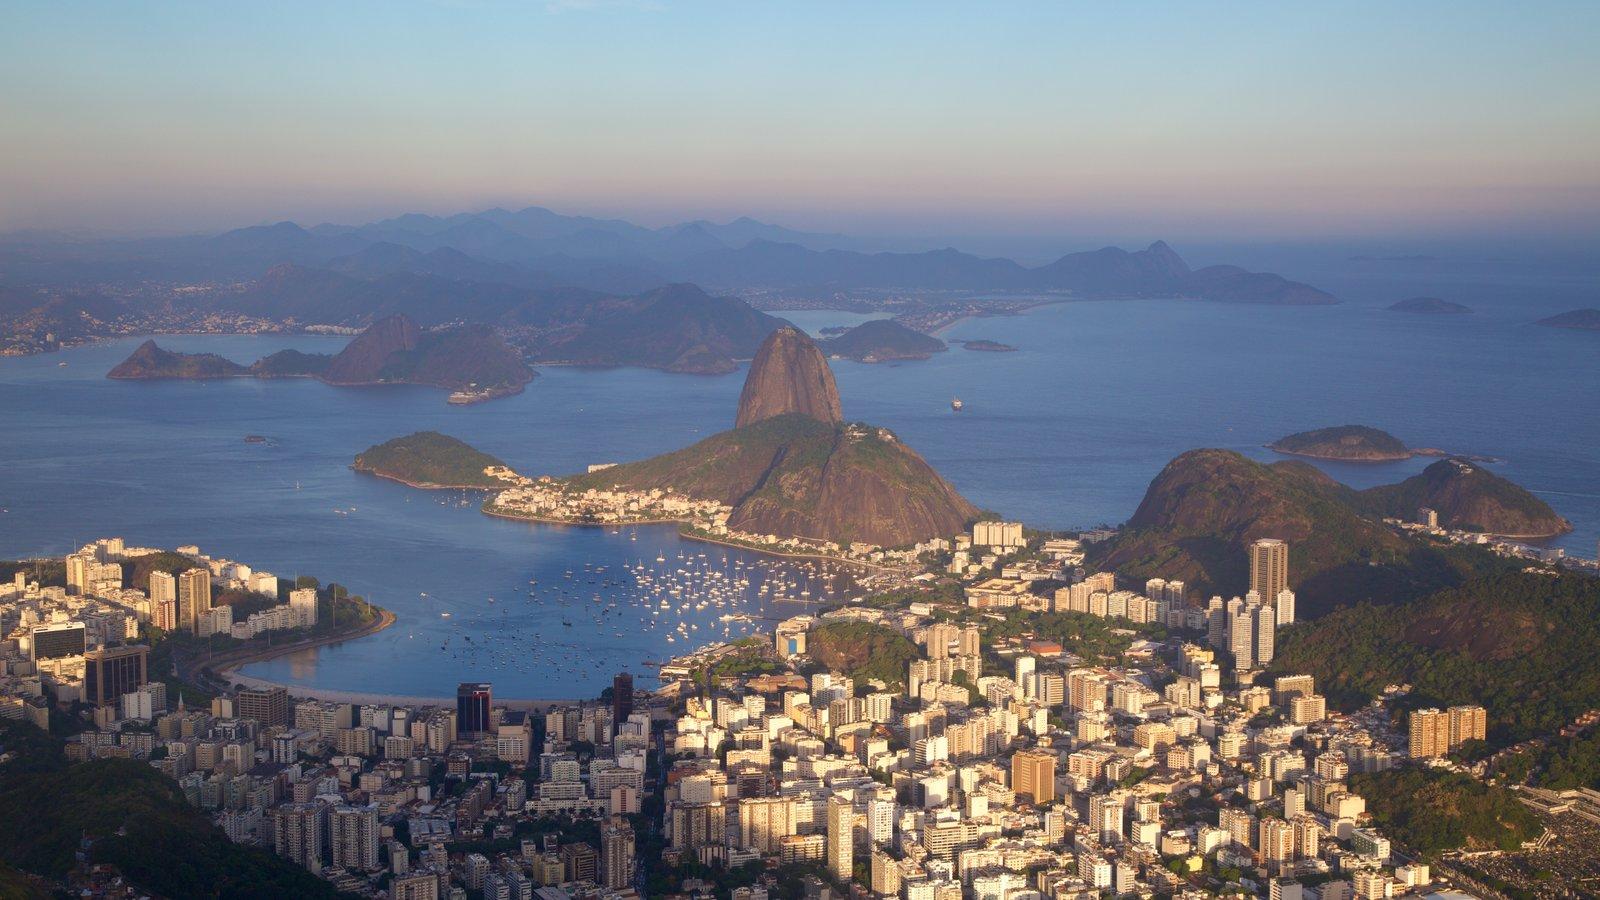 Baía de Guanabara que inclui cenas tranquilas, um pôr do sol e uma cidade